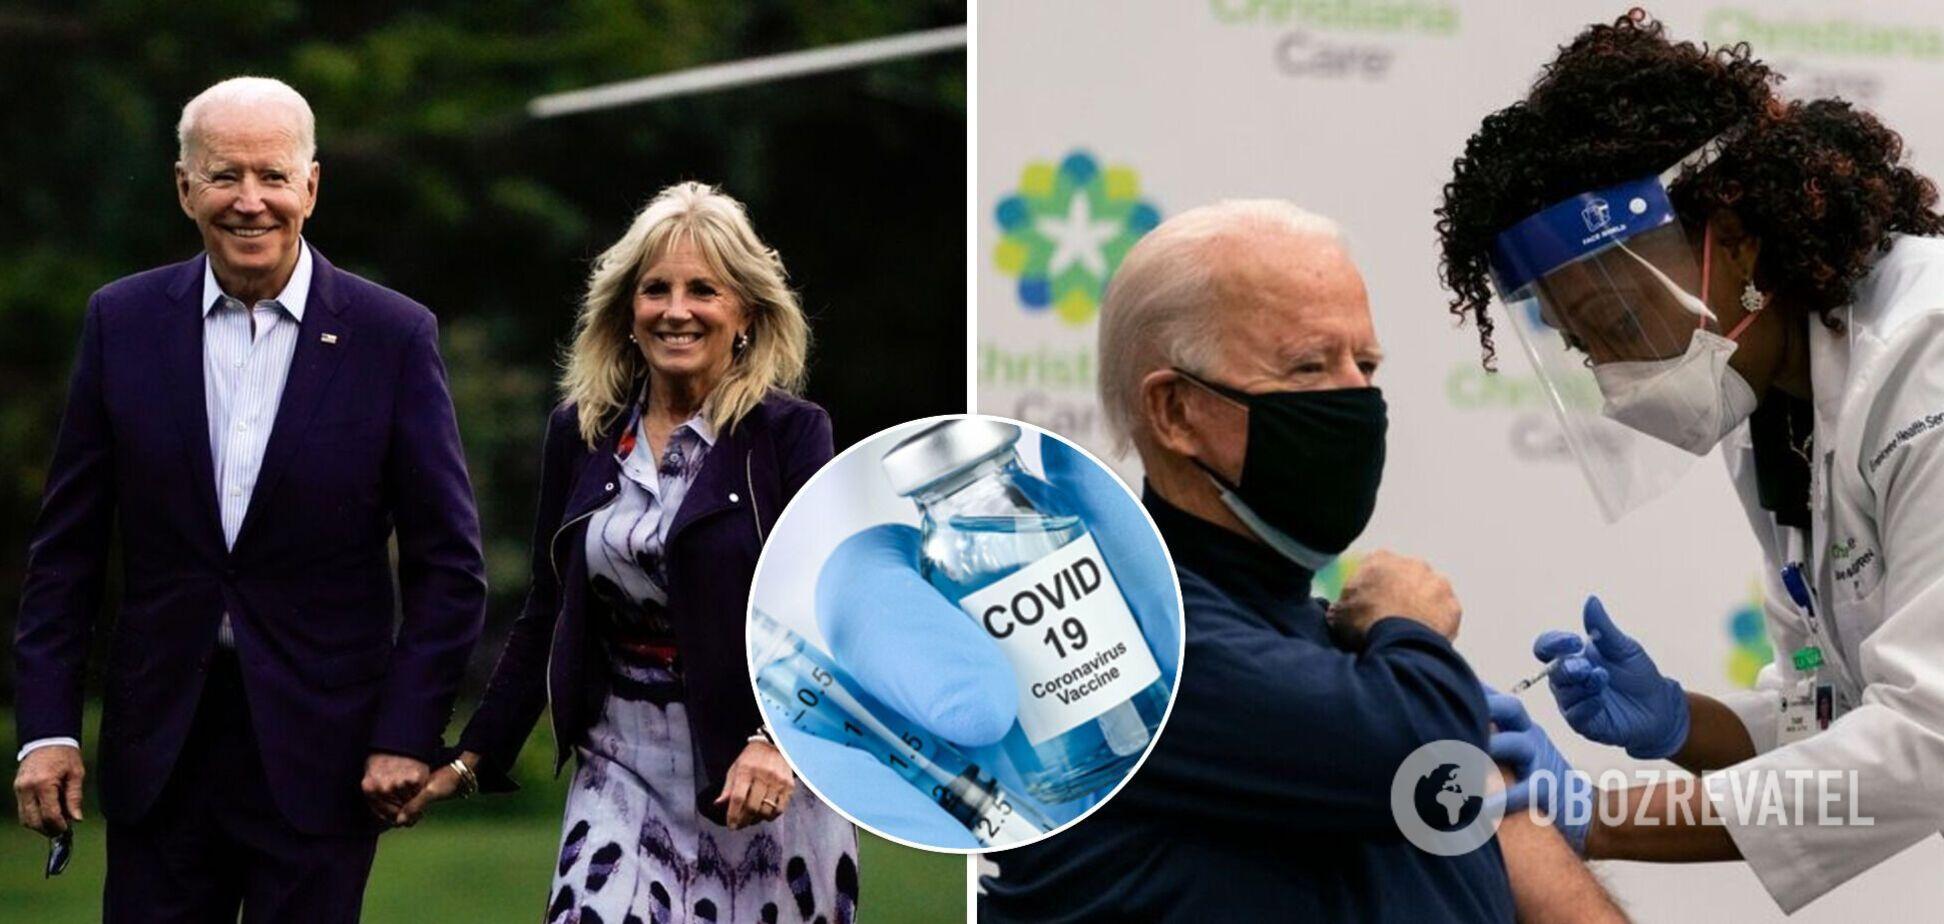 Байден із дружиною отримають третє щеплення від коронавірусу – ЗМІ